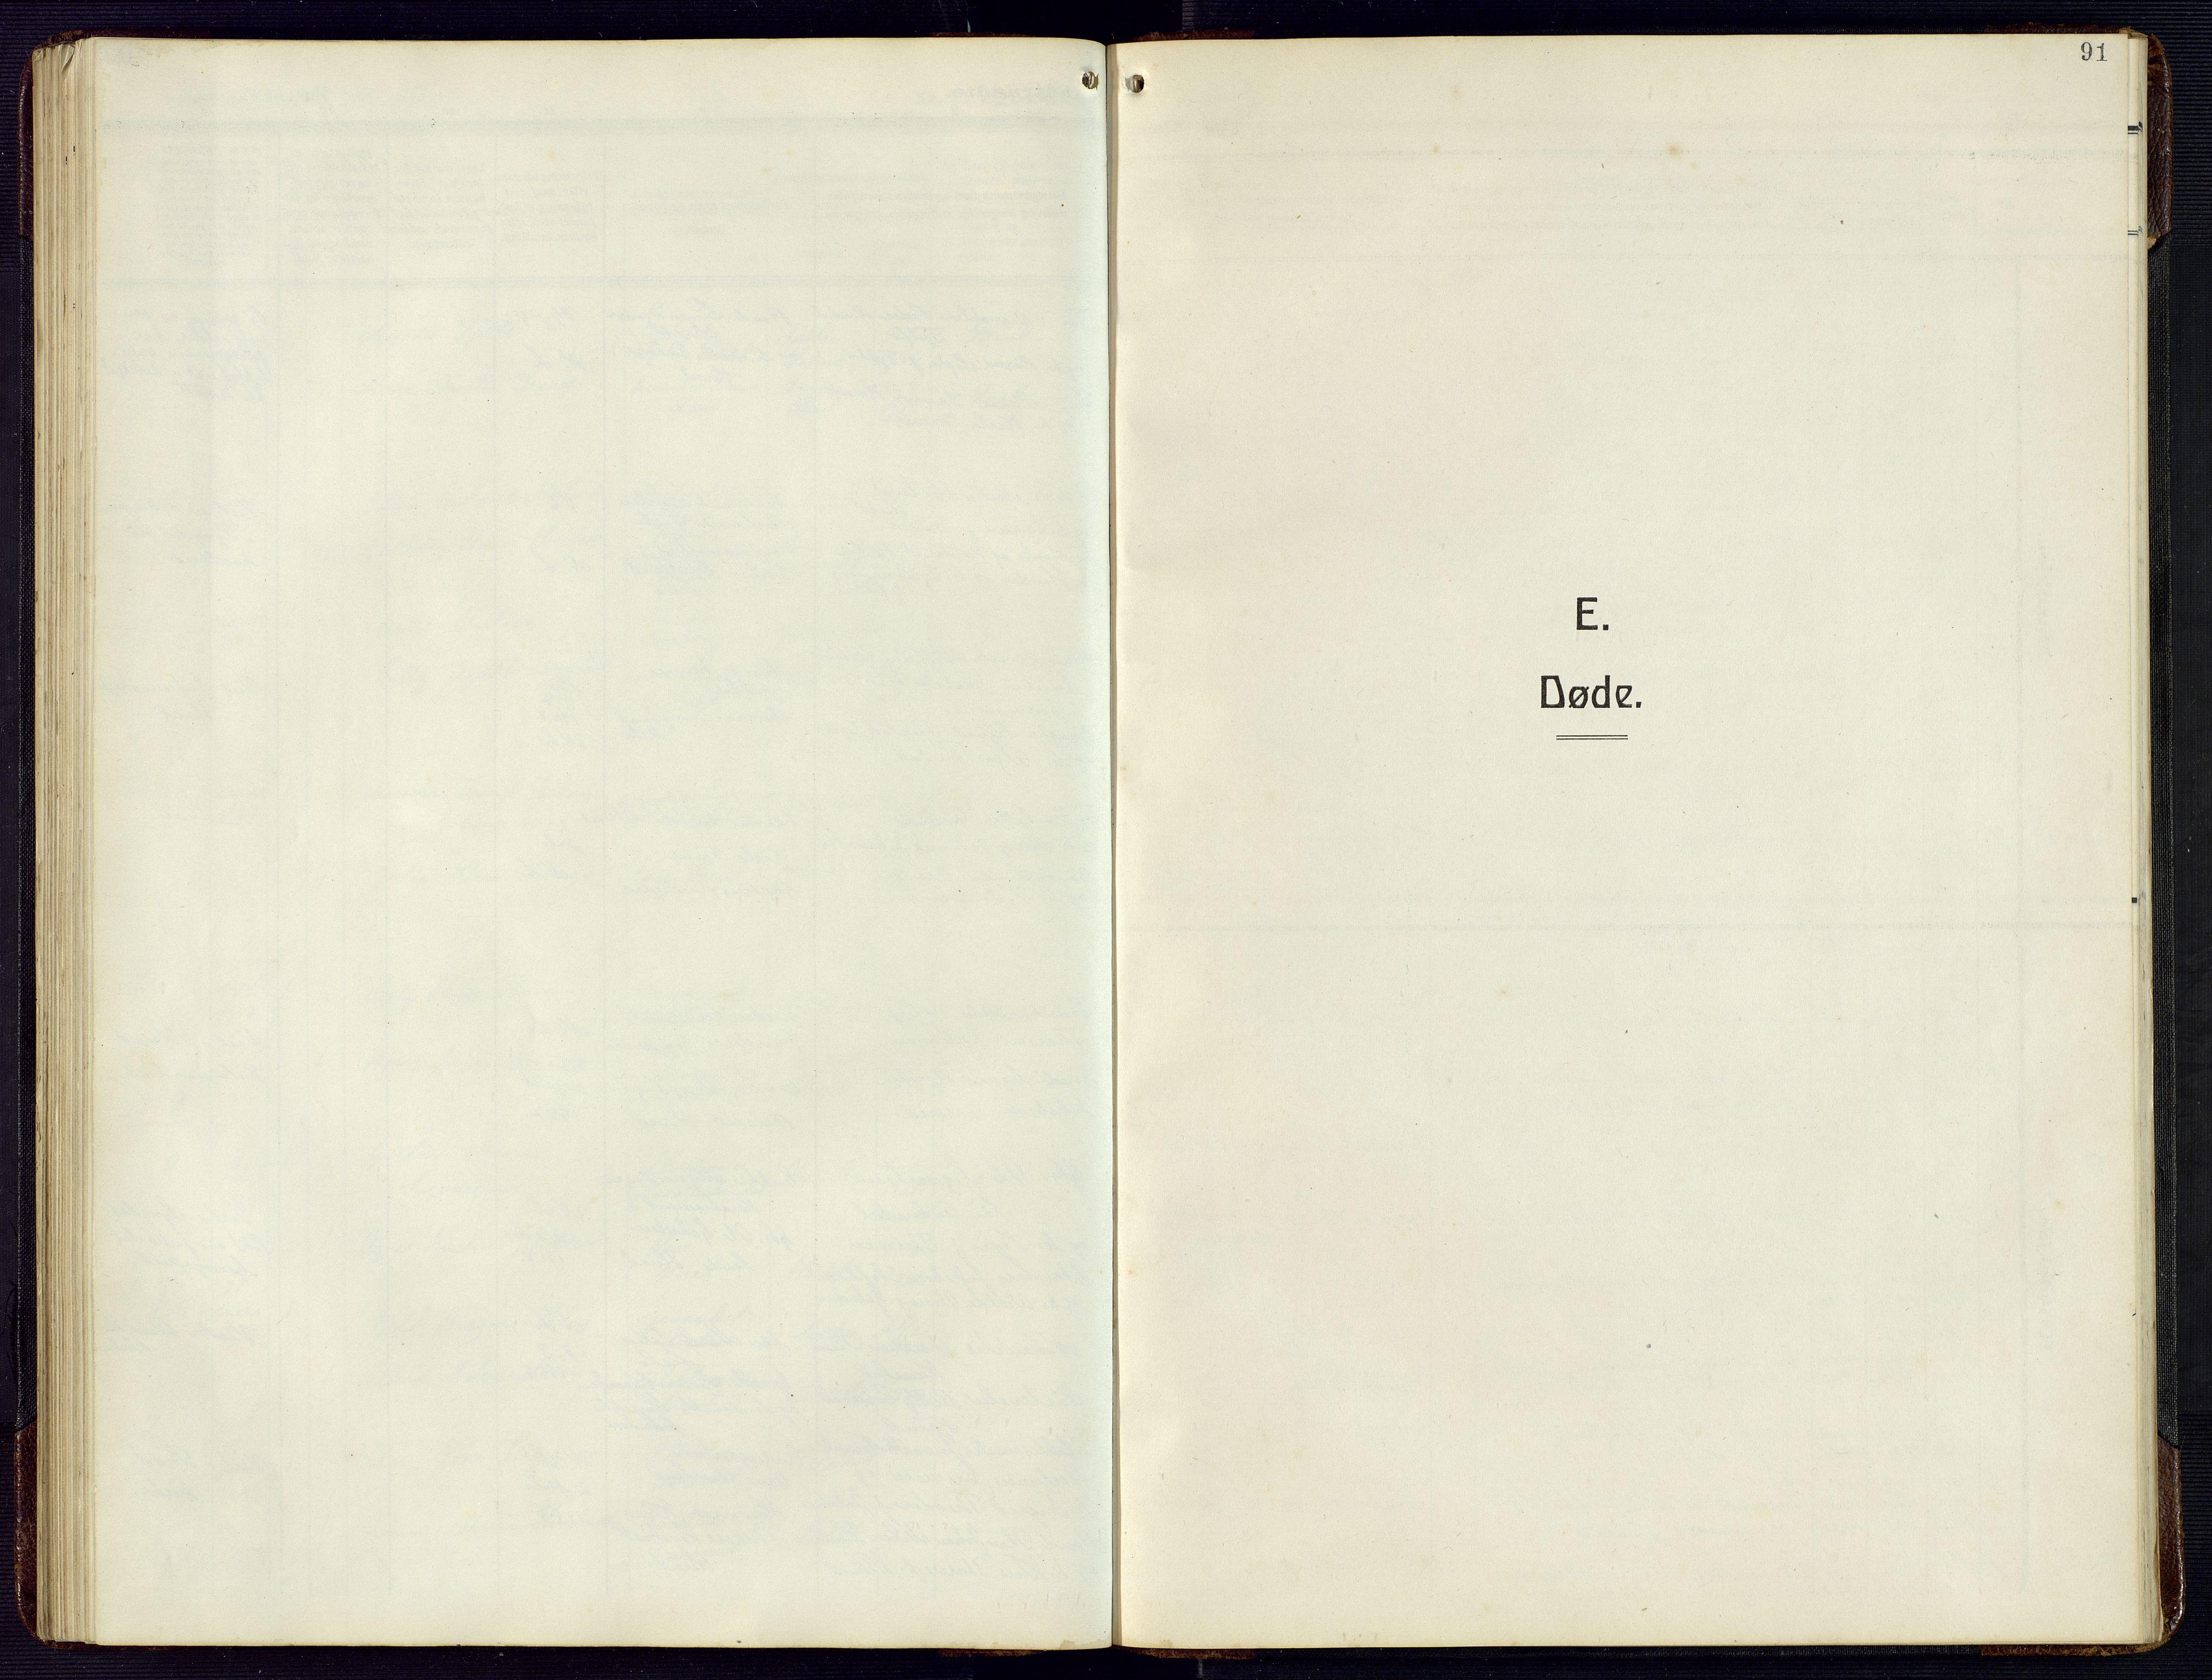 SAK, Herad sokneprestkontor, F/Fb/Fba/L0006: Klokkerbok nr. B 6, 1921-1959, s. 91